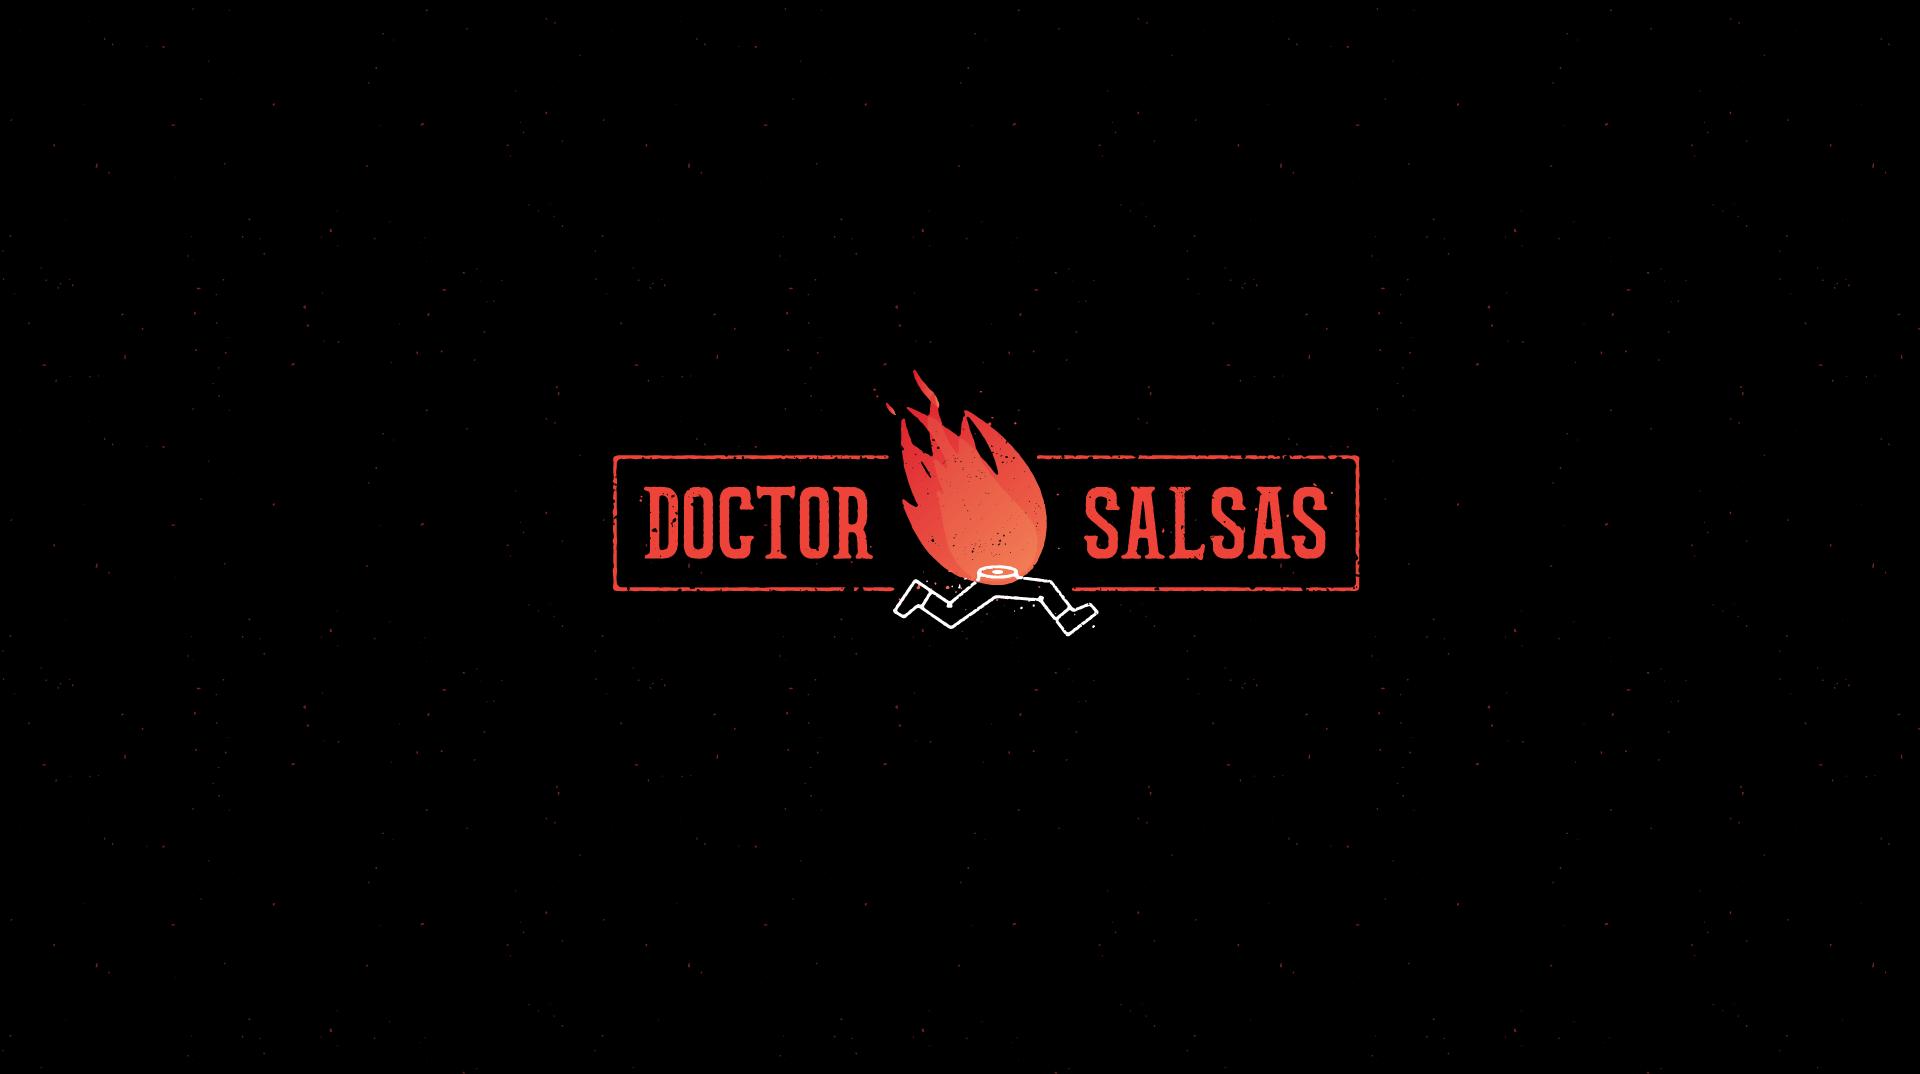 Logotipo diseñado para Doctor Salsas